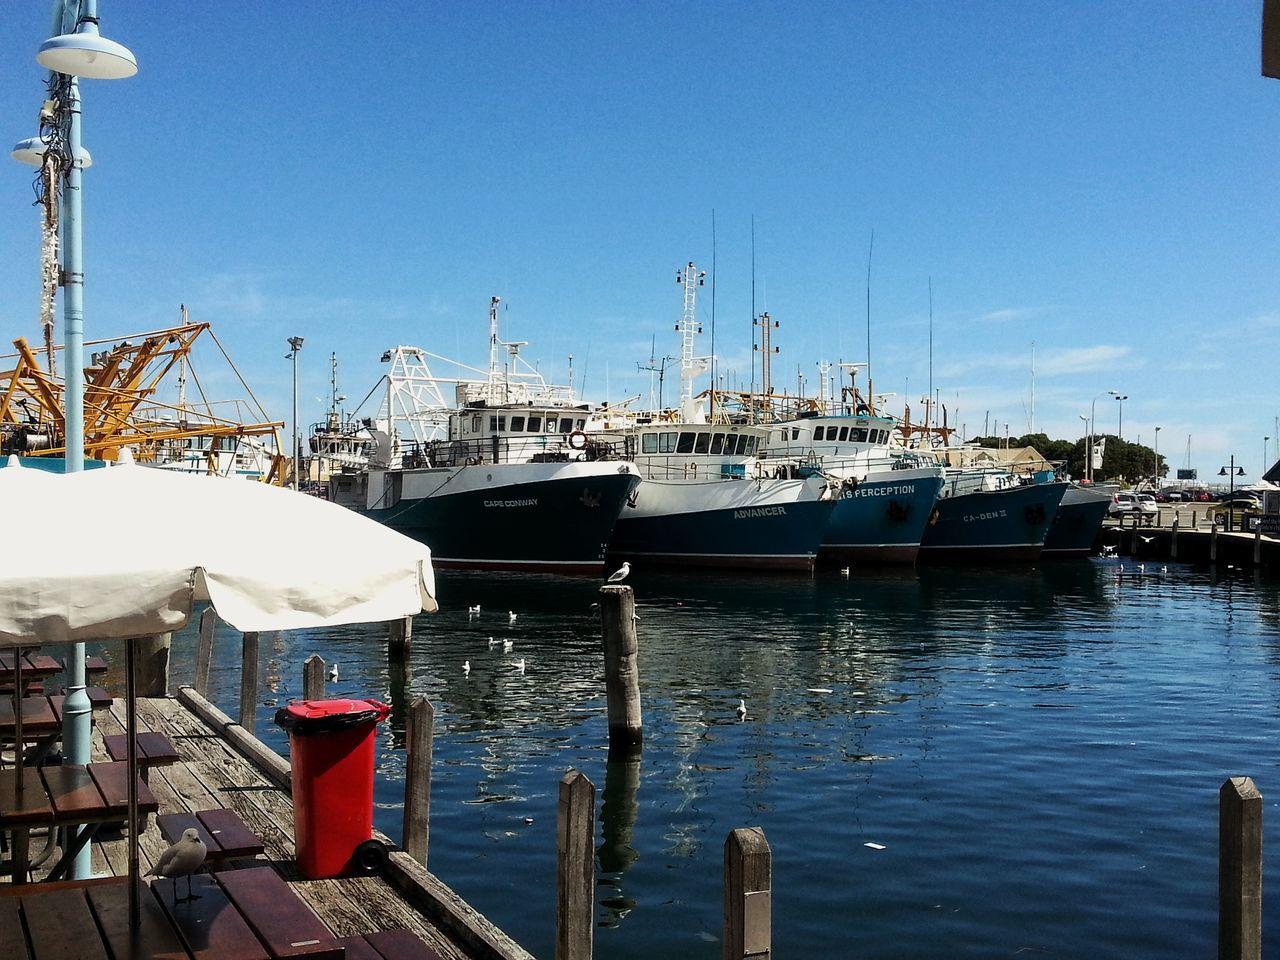 Fishing Boat Fleet Sea And Sky Seabirds Pier Dockside Ships Boats EyeEmNewHere Sunny Day 🌞 Jetty, Pier Fishing Boat Harbour EyeEmNewHere